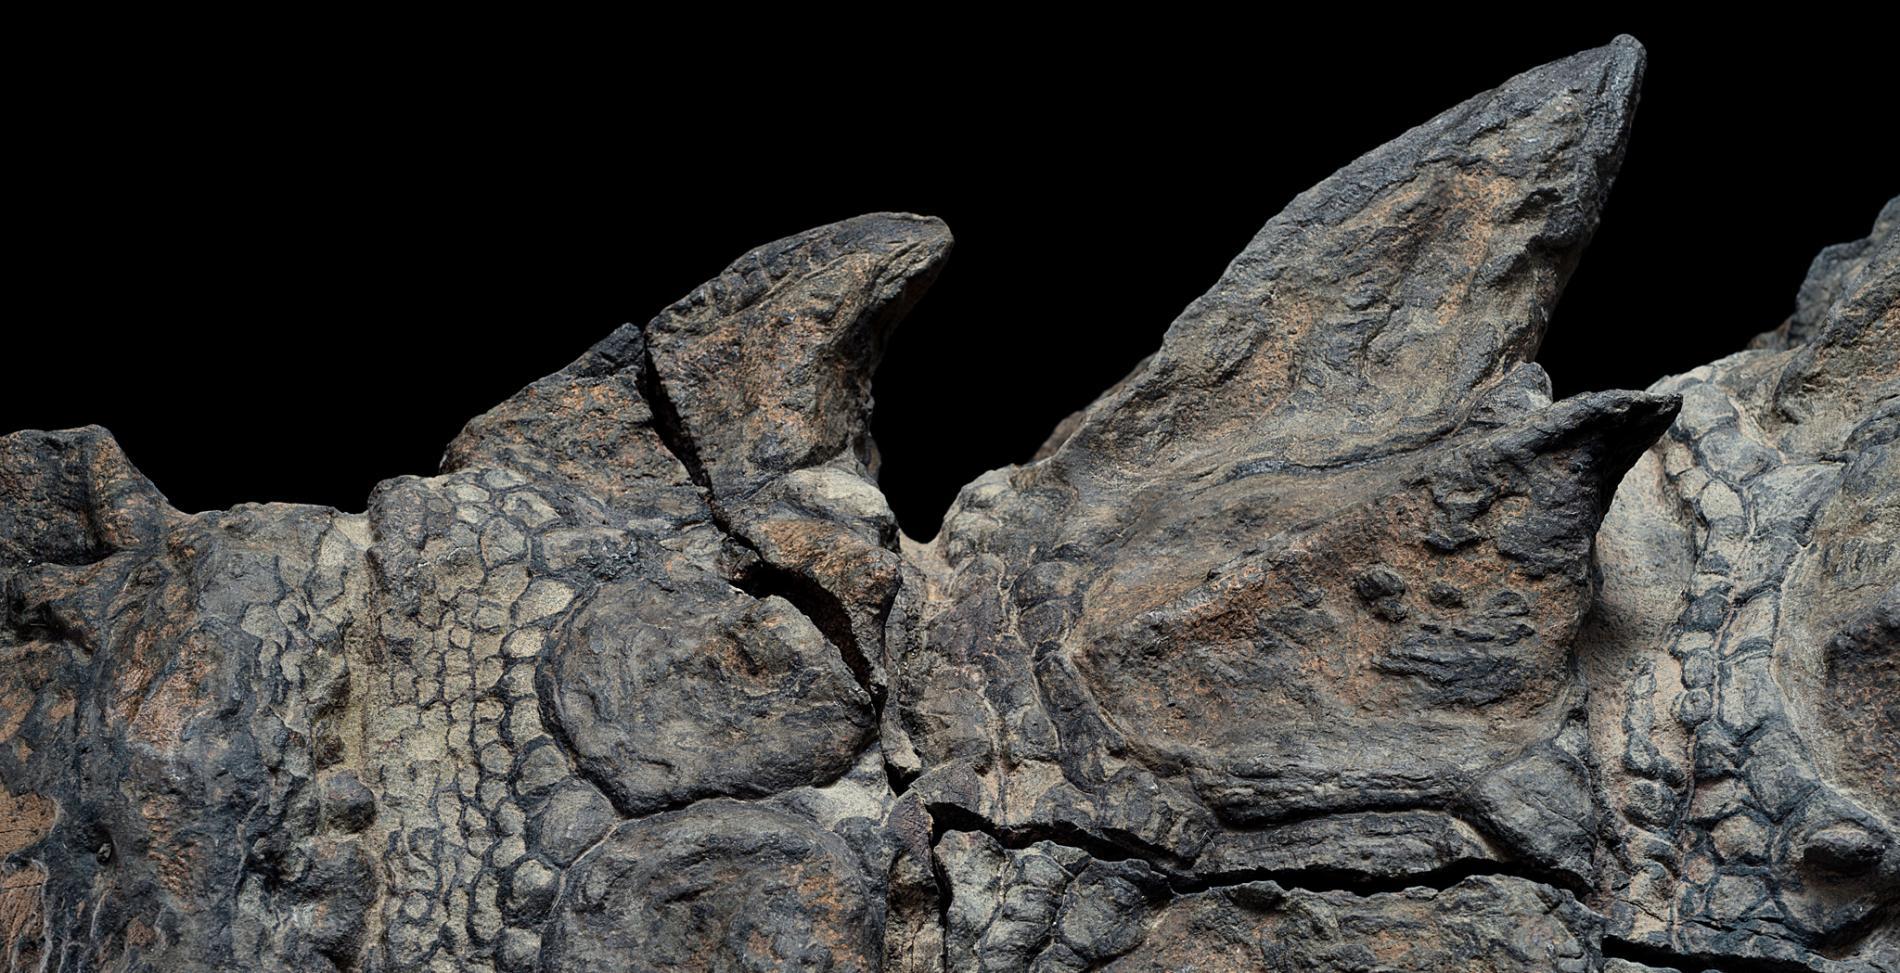 """Découverte d'une """"momie de dinosaure"""" au Canada ! Par Nathan Weber Nodosaur-fossils-close-up-ridges.adapt.1900.1"""